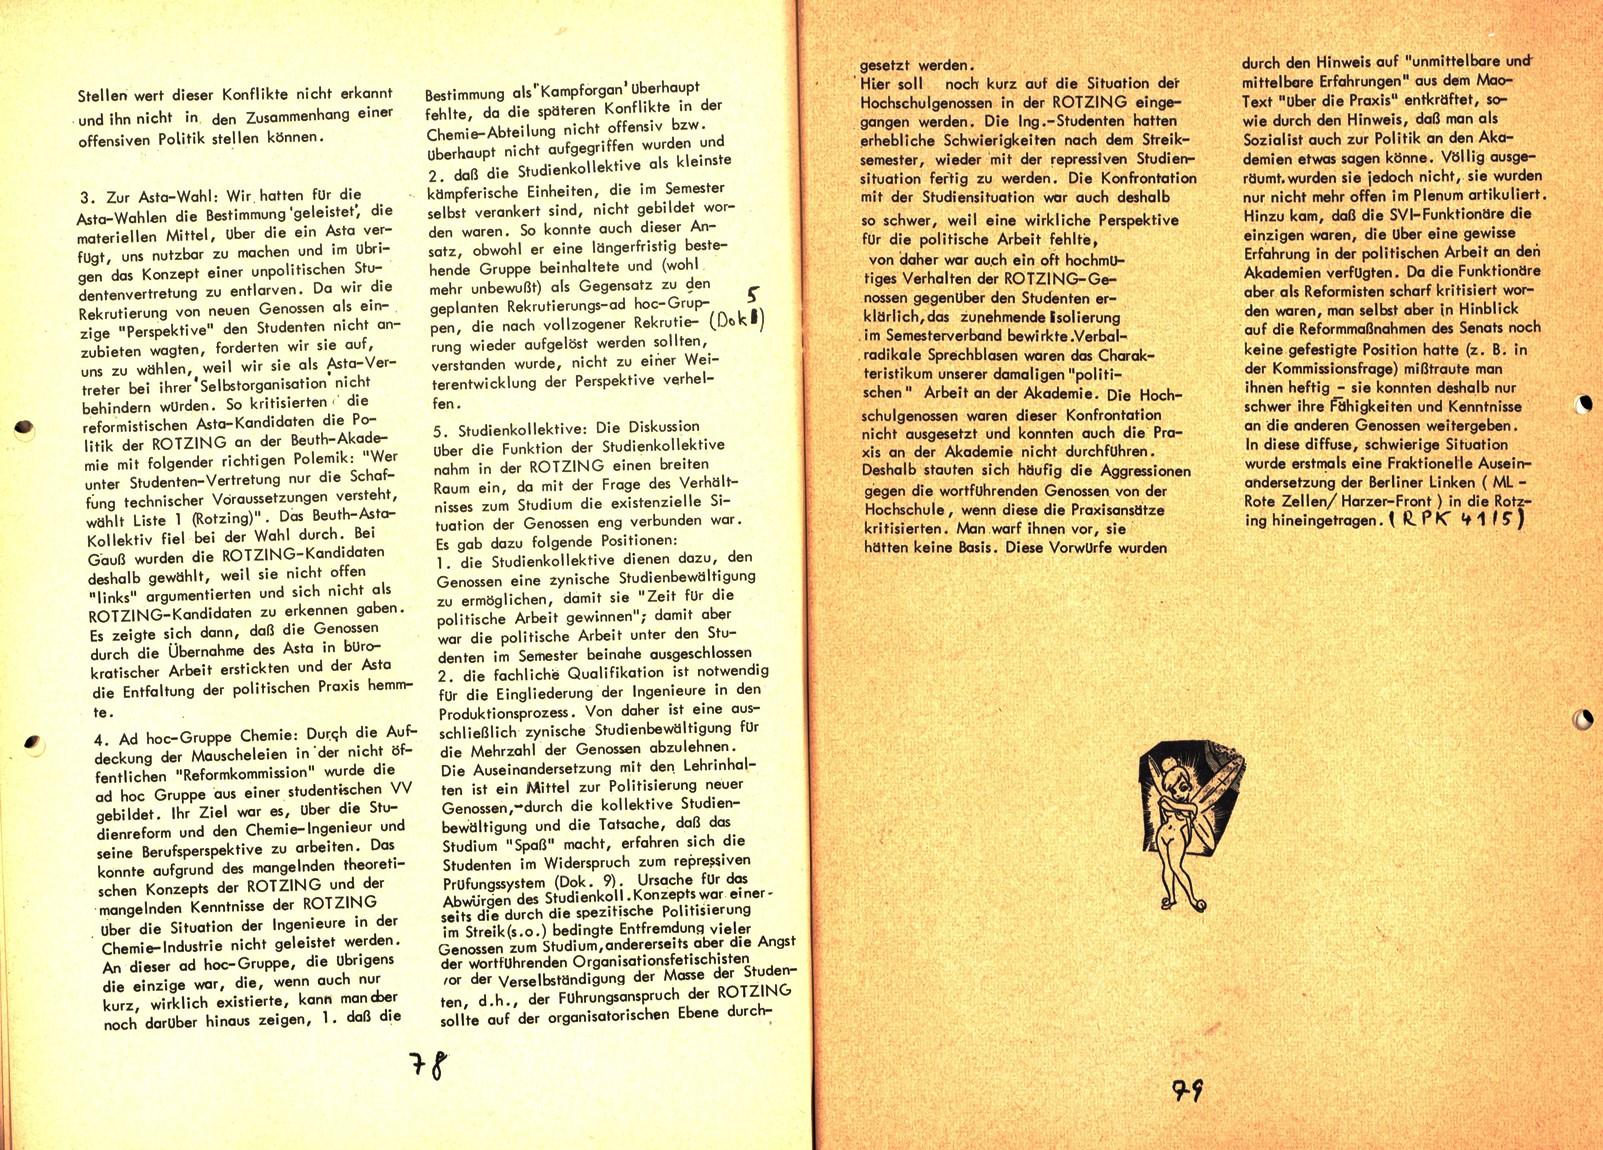 Berlin_Rotzing_1971_Kampfbericht_40